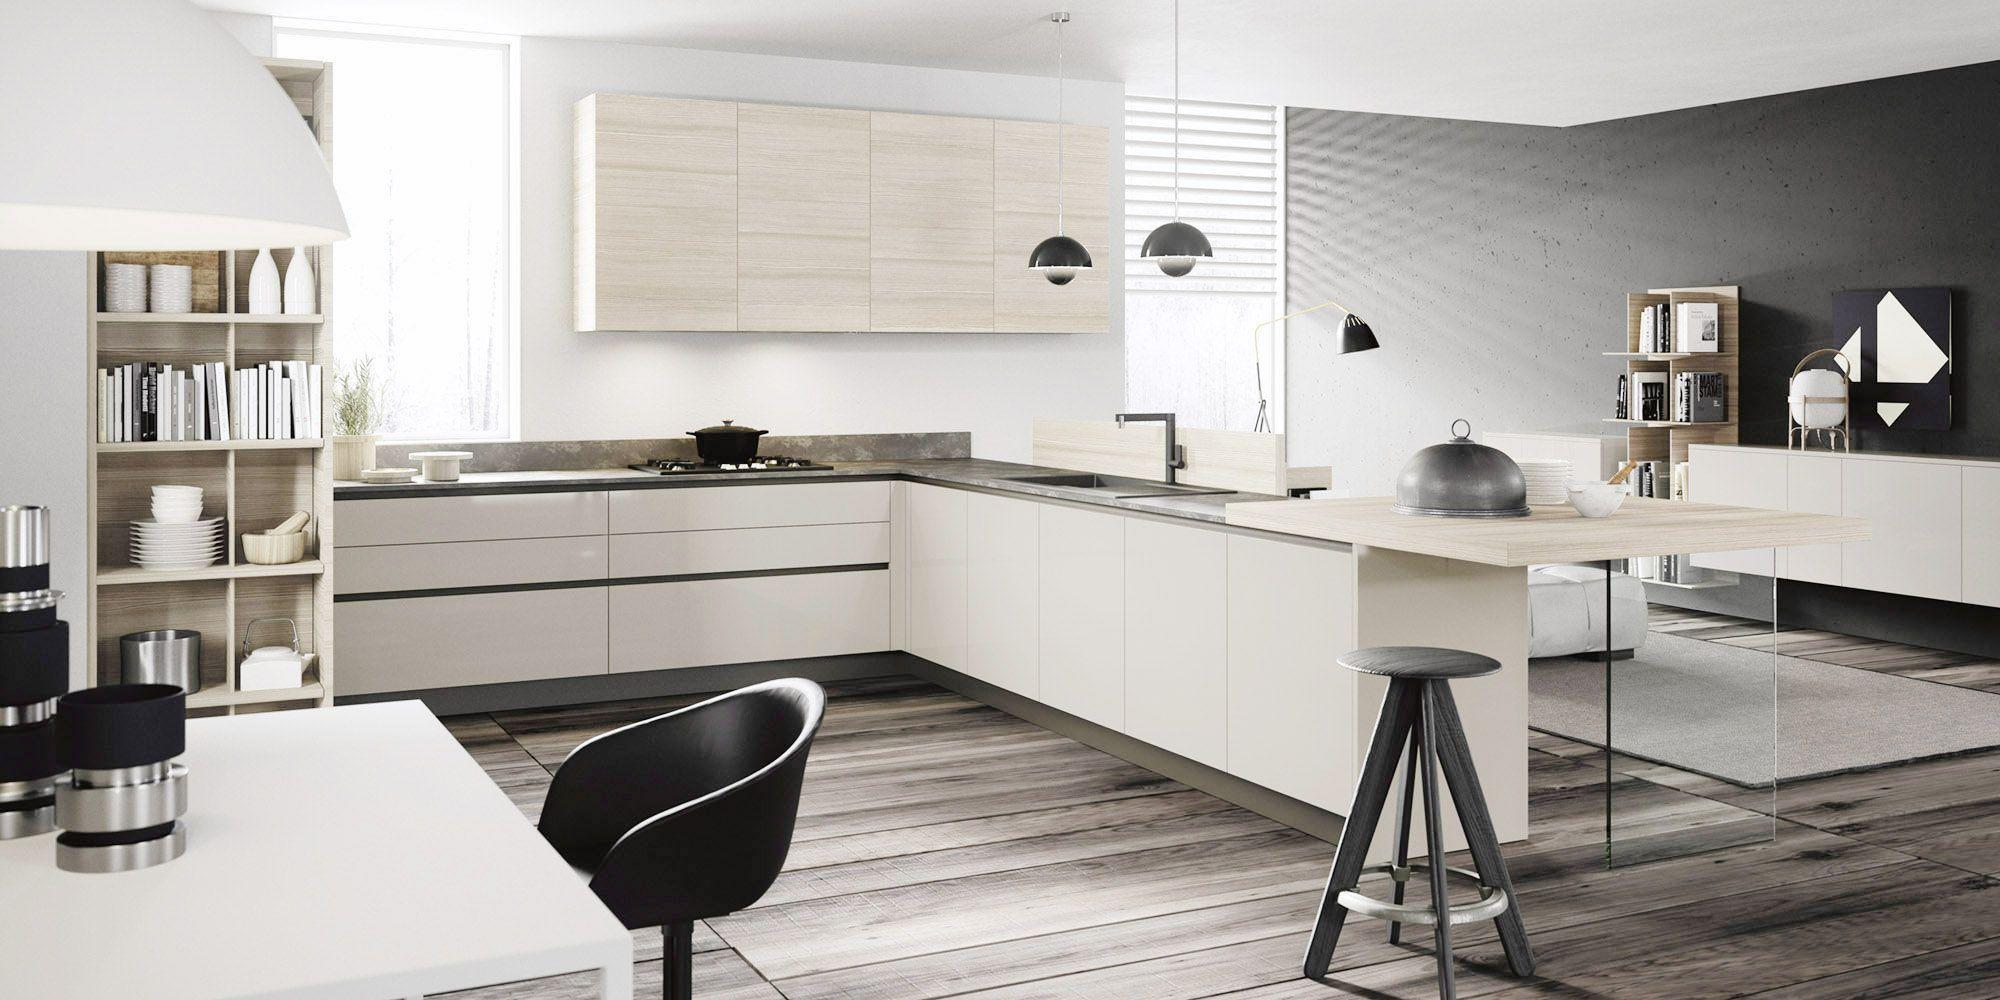 Gunstige Europaische Kuchenschranke Top Italienische Kuche Marken Luxus Kuche Schr Italian Kitchen Design Kitchen Designs Photo Gallery Kitchen Designs Photos